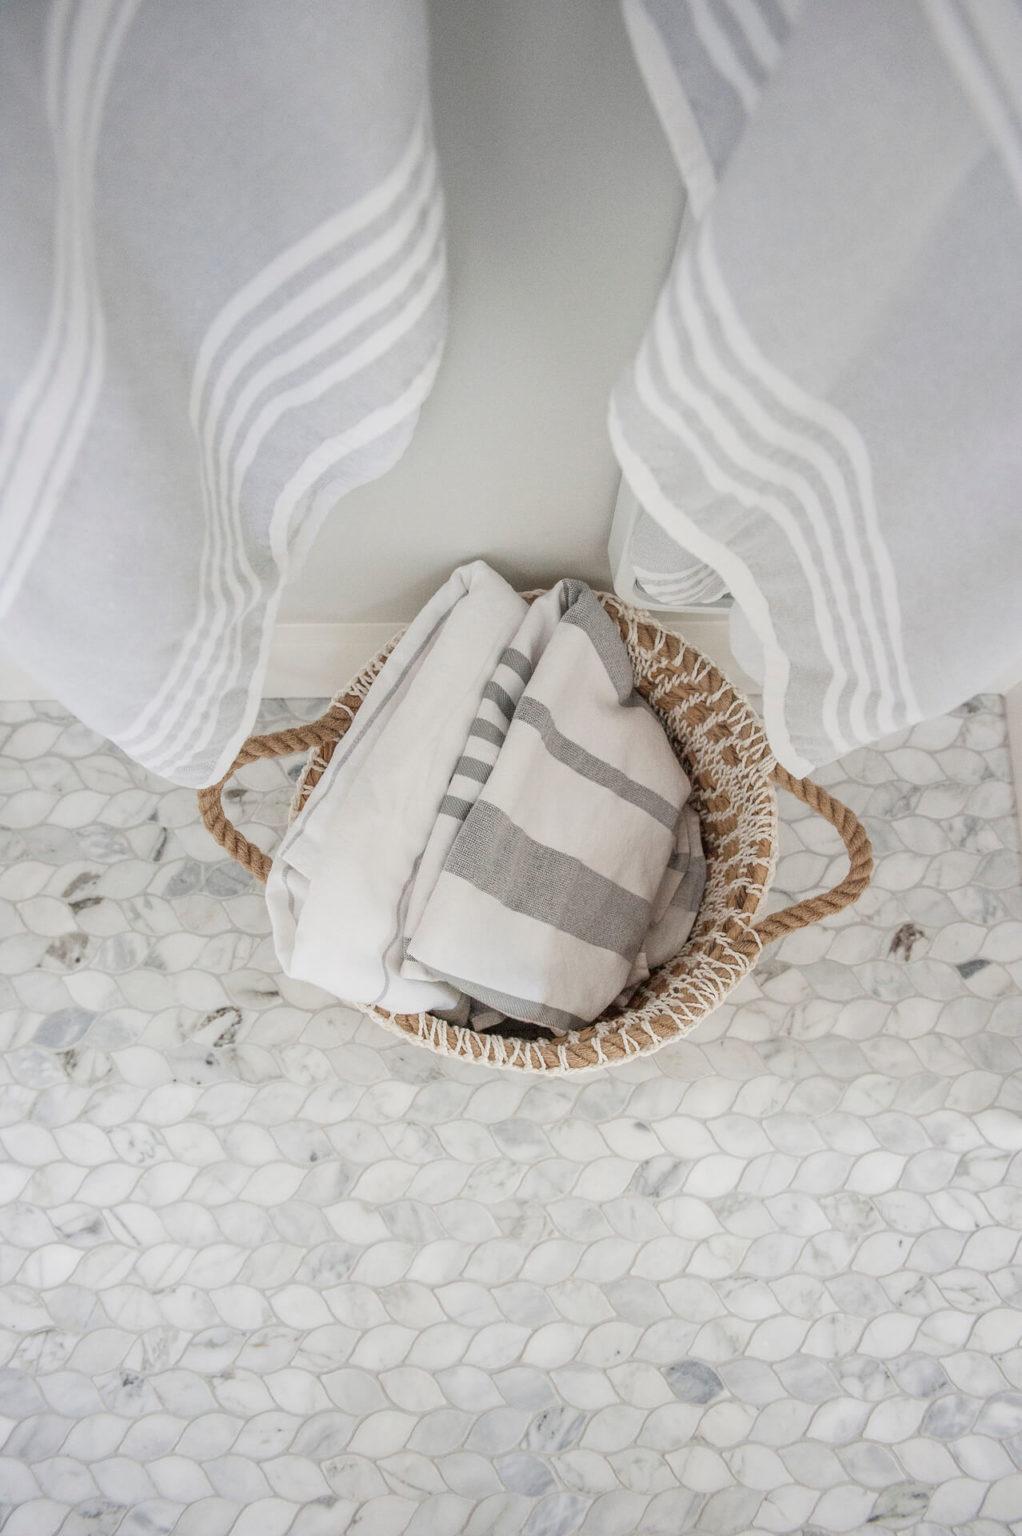 Frobisher AKB Design salle de bain marbre robinetterie murale vanite double quartz lingerie brique blanche27